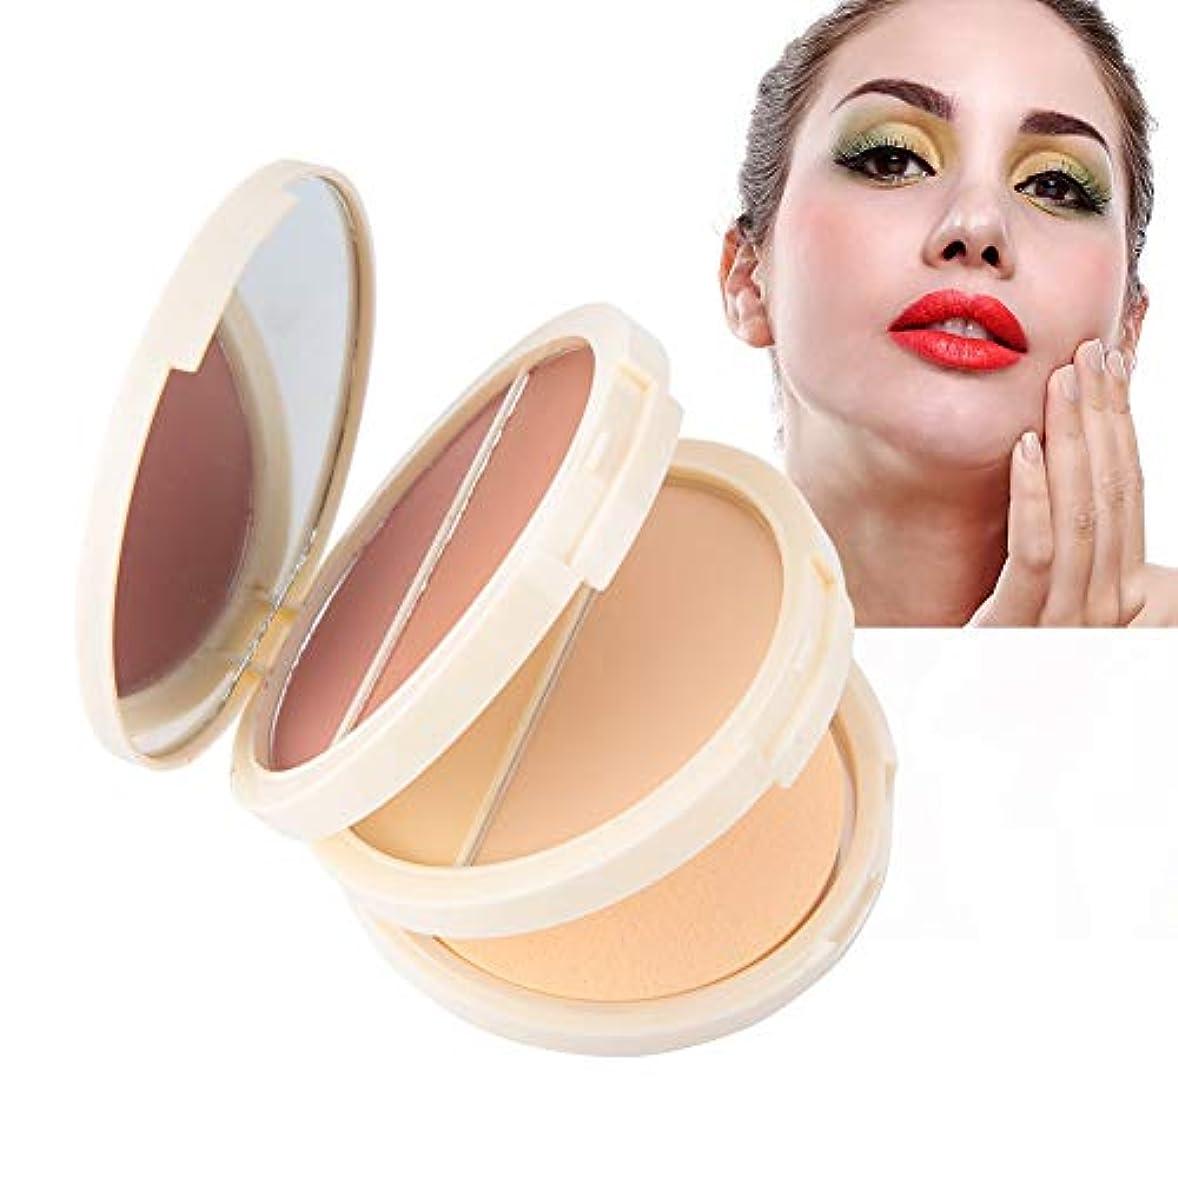 マチュピチュそれぞれ原理化粧品、オイル管理および防水および長続きがする効果のための1つのコンシーラーの粉の赤面粉に付き3つ